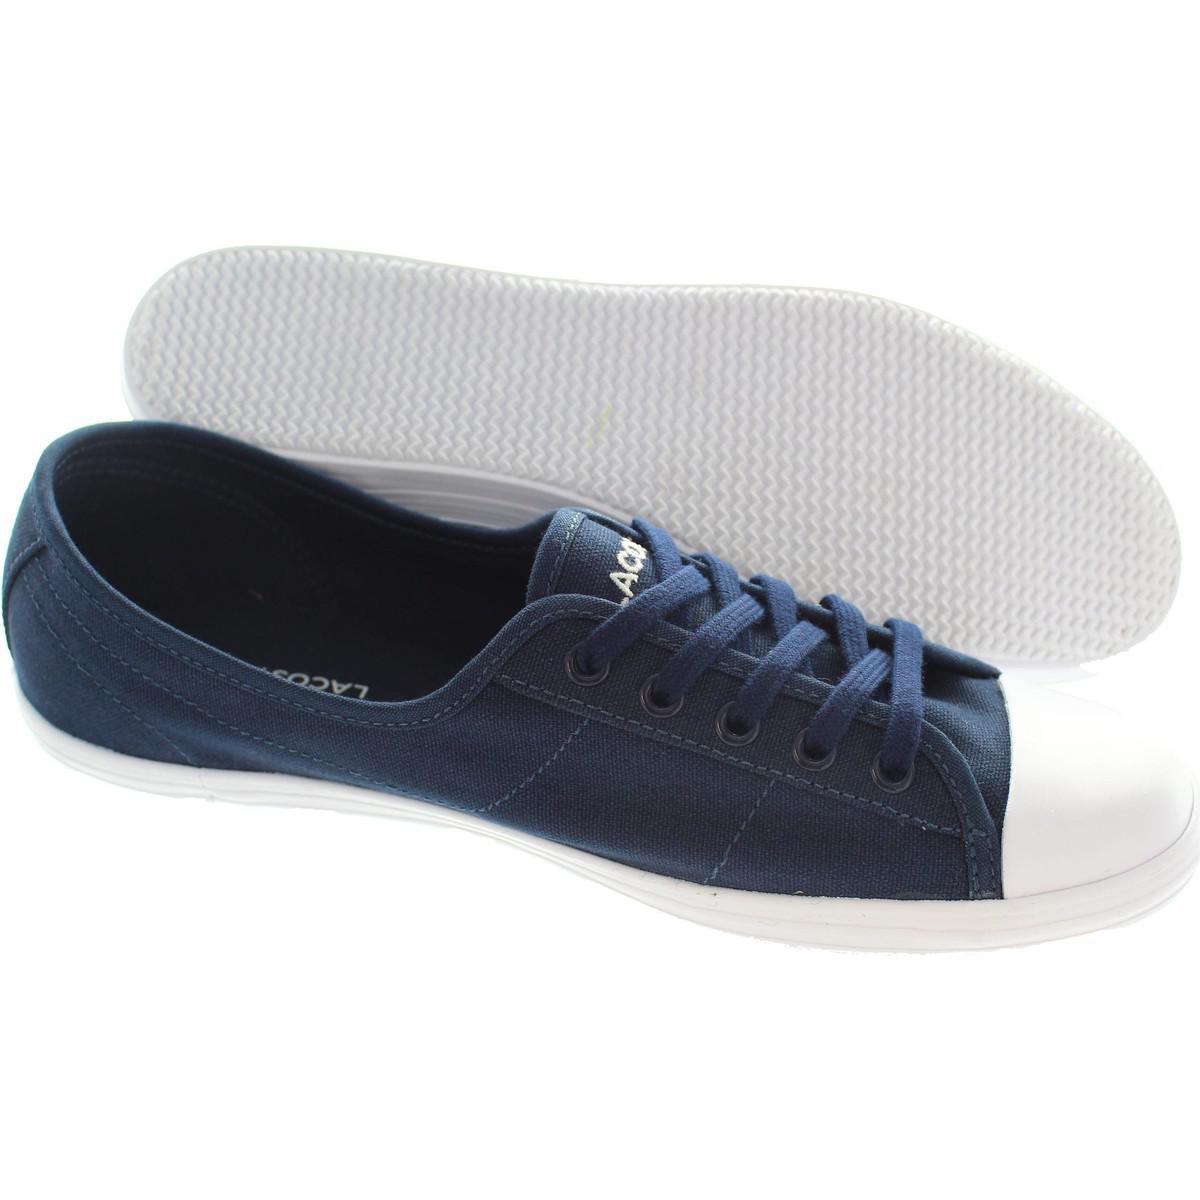 Lyst Lacoste Blau Ziane Damens's Schuhes (trainers) In Blau in Blau Lacoste e04d20